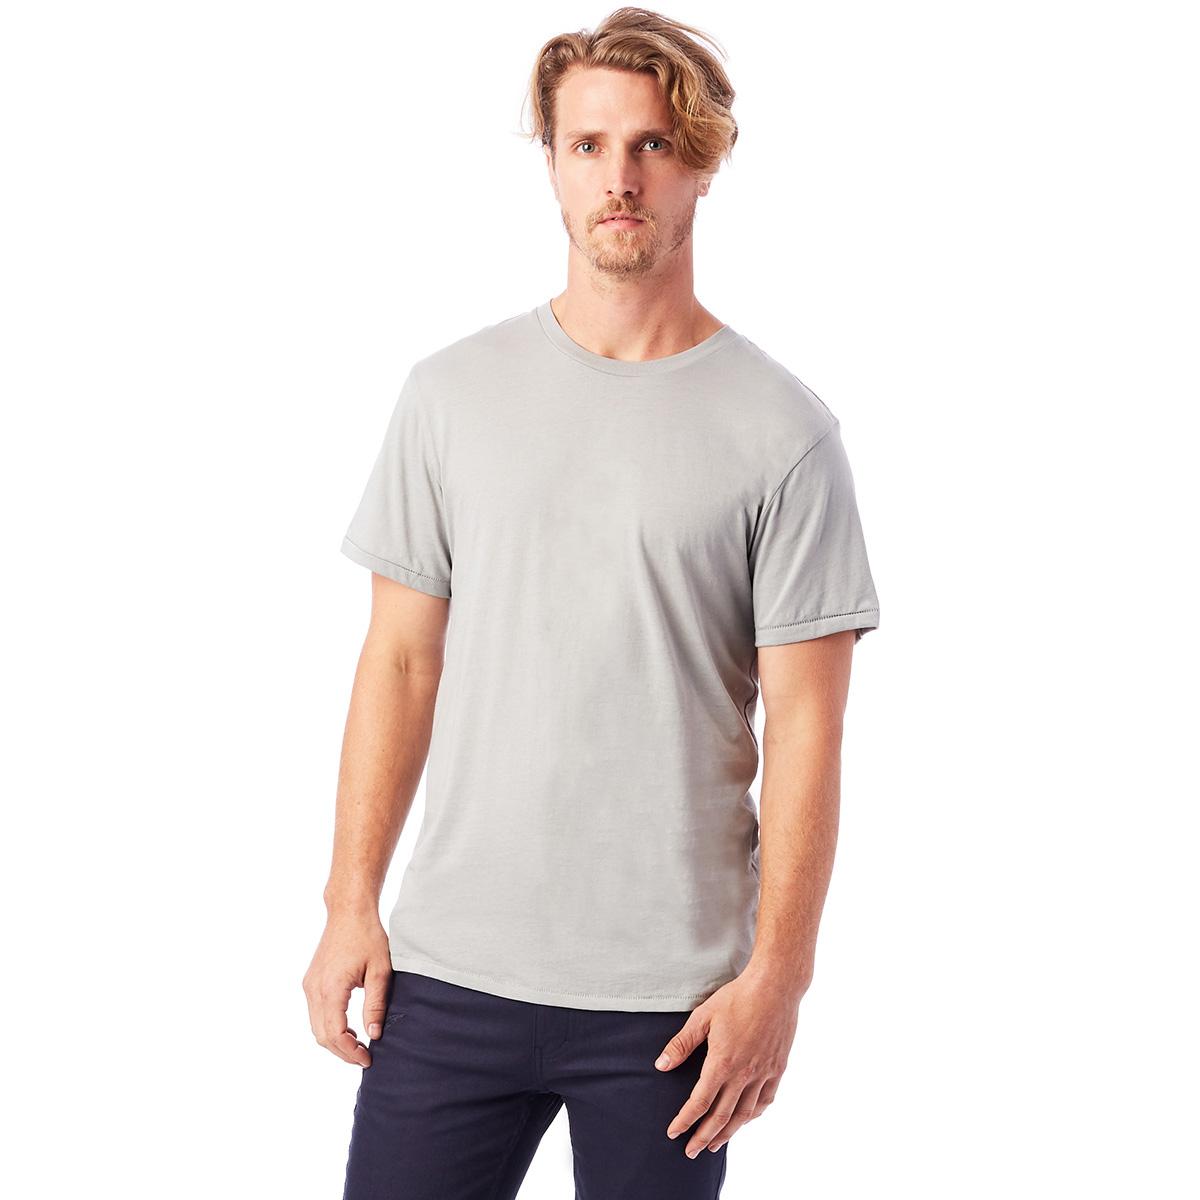 T-shirt 100% coton bio manches courtes gris clair Homme